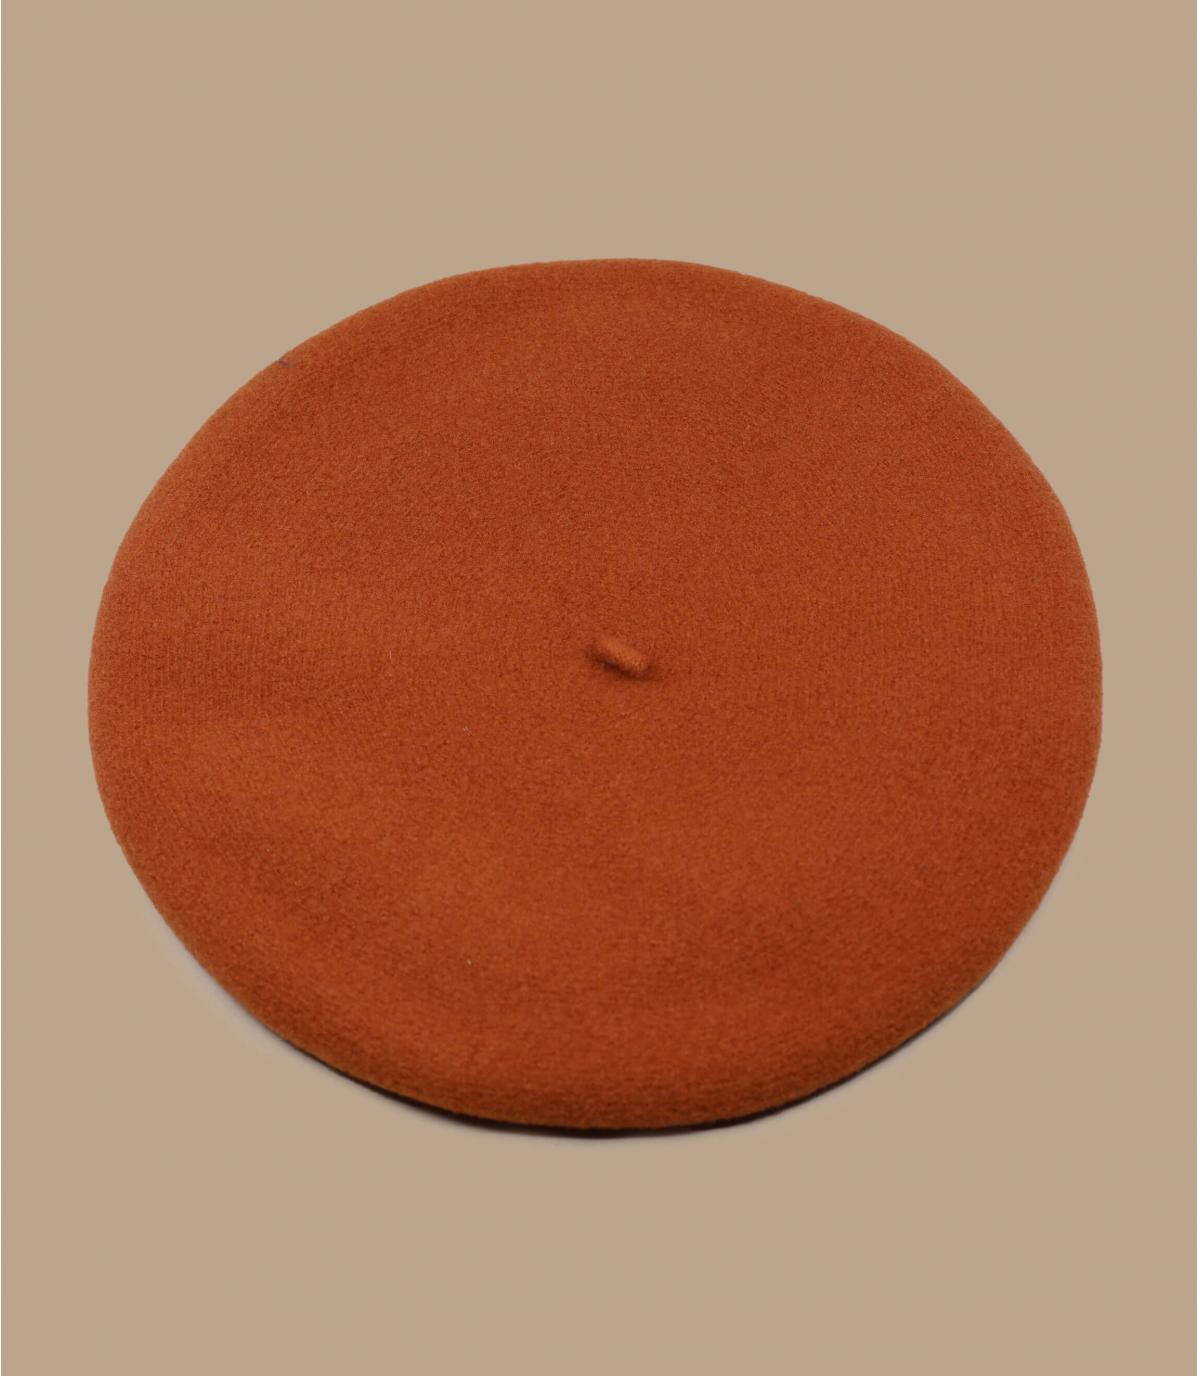 Laulhère baret oranje merino